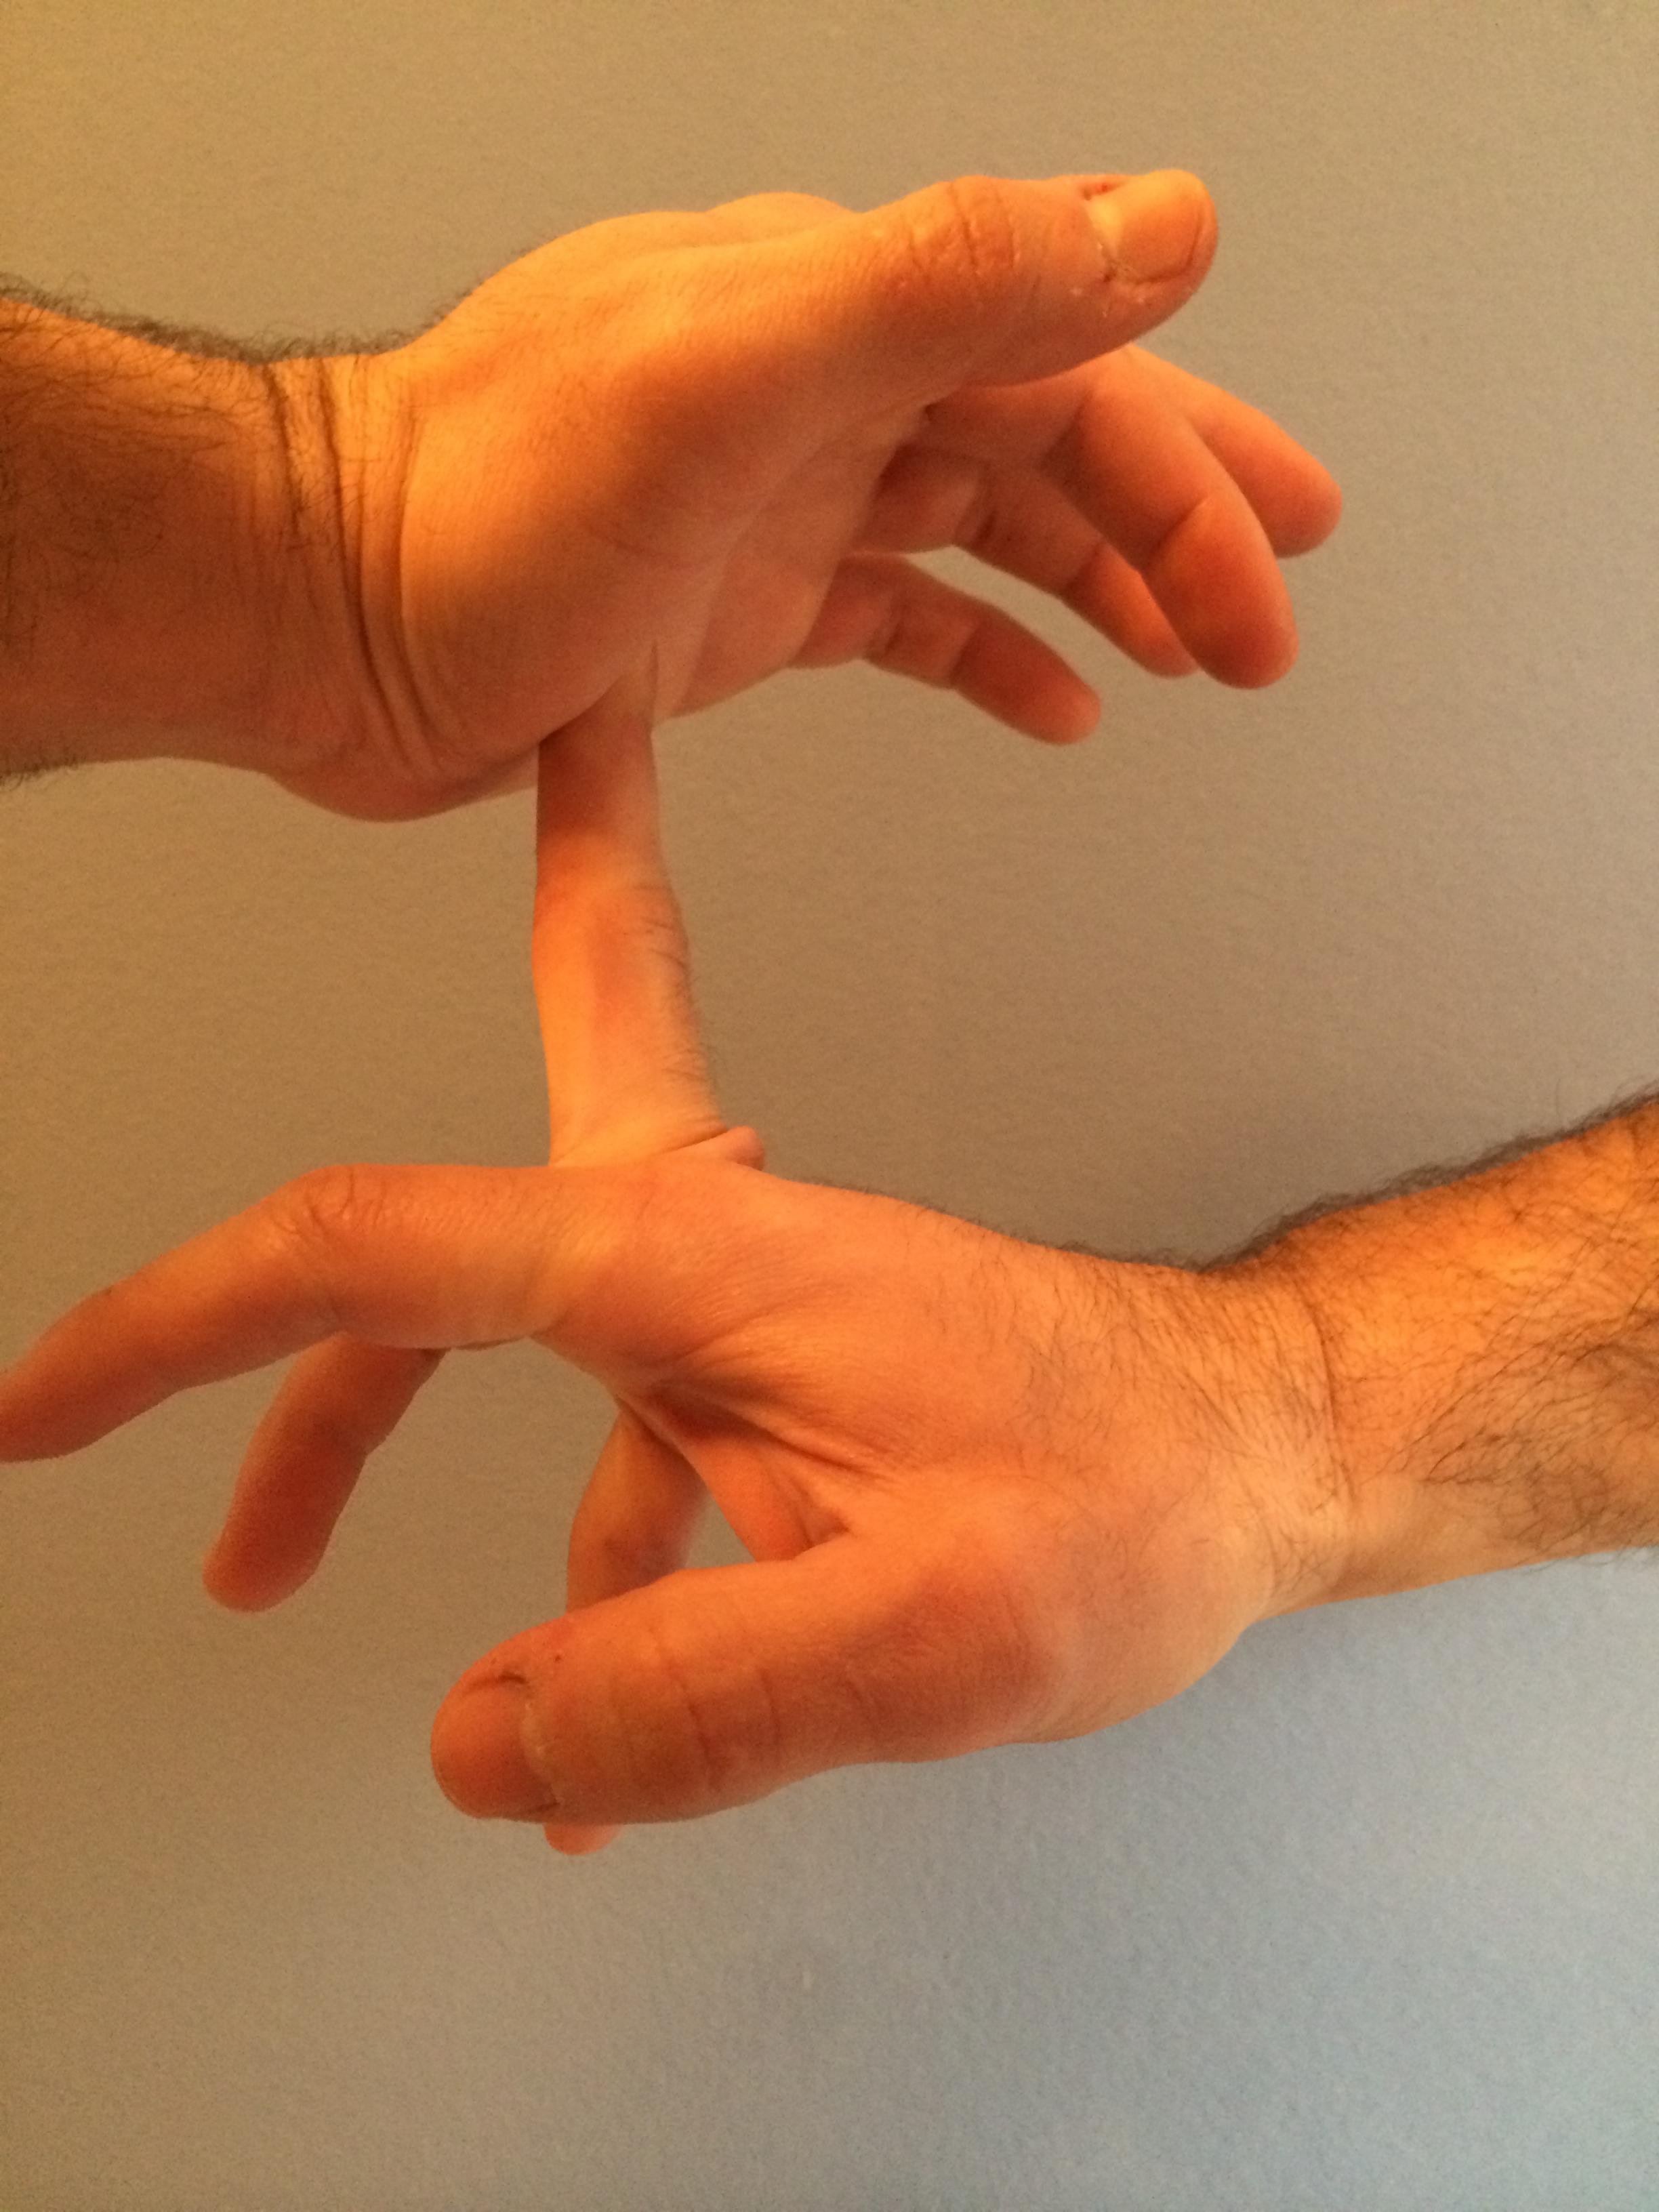 Arriba y con dedo en el culo - 2 1